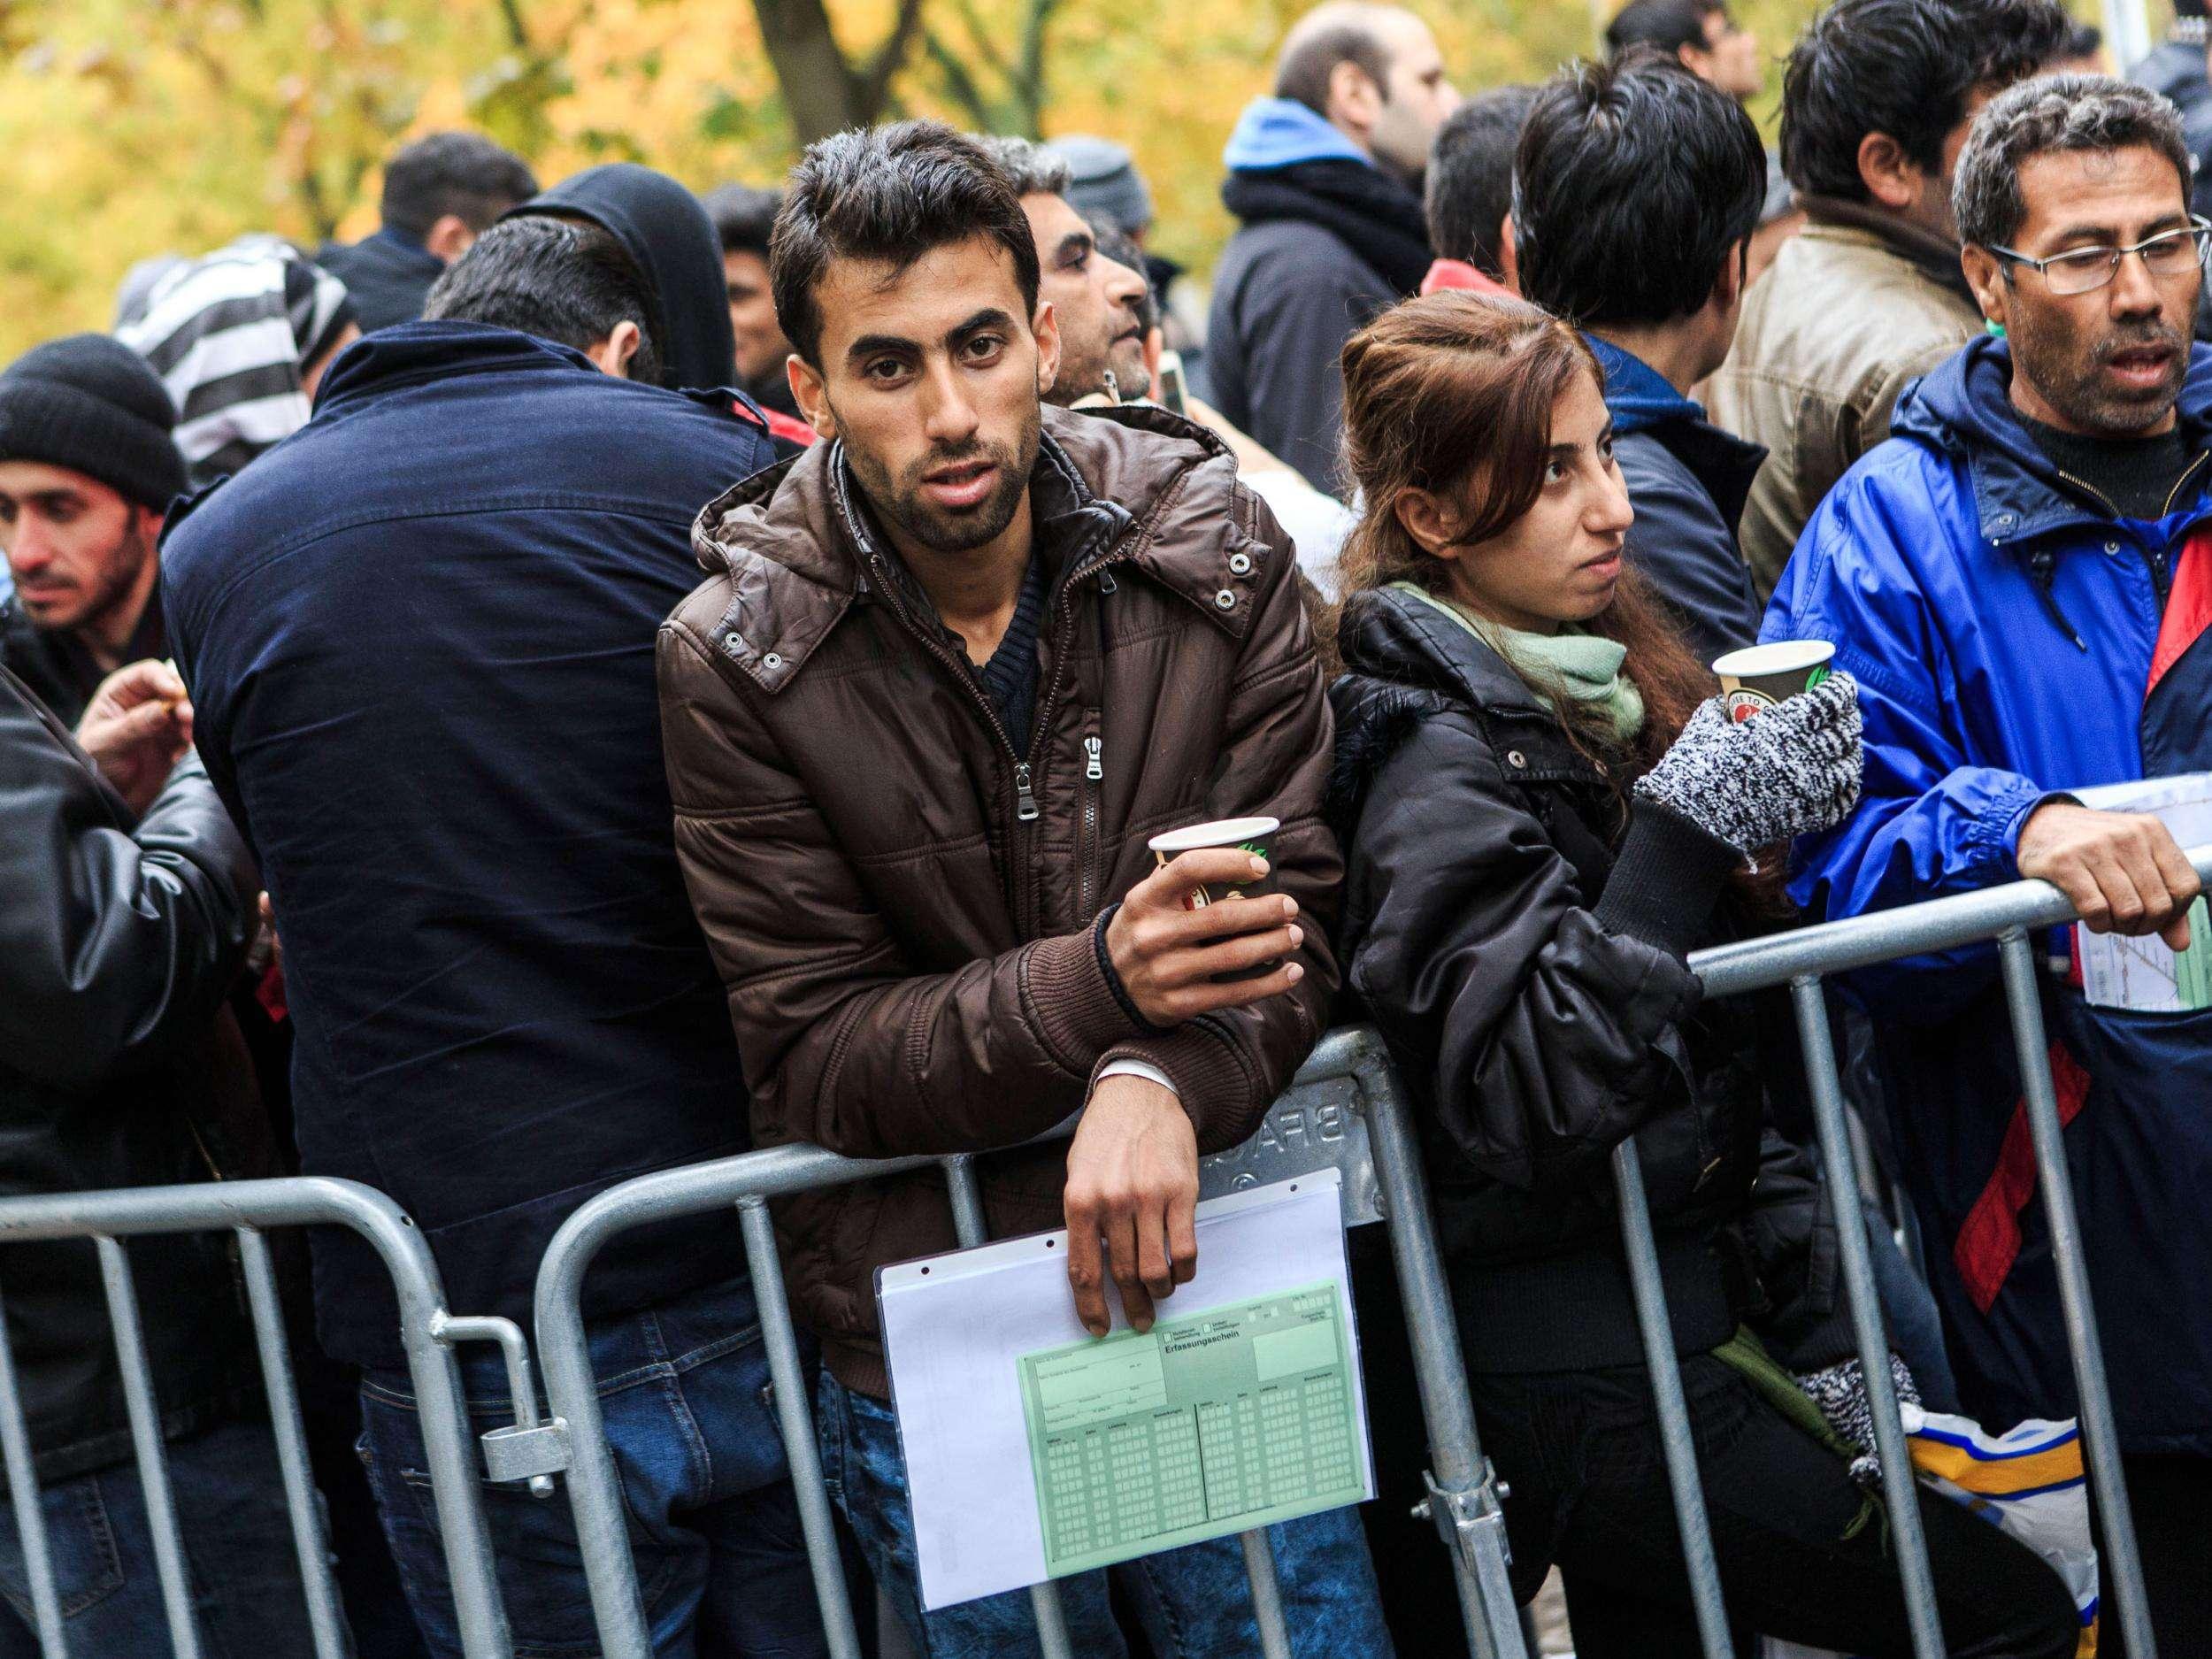 نقل اللاجئين الضعفاء من مخيمات البحر المتوسط.. ما بين الرمزية والعملية